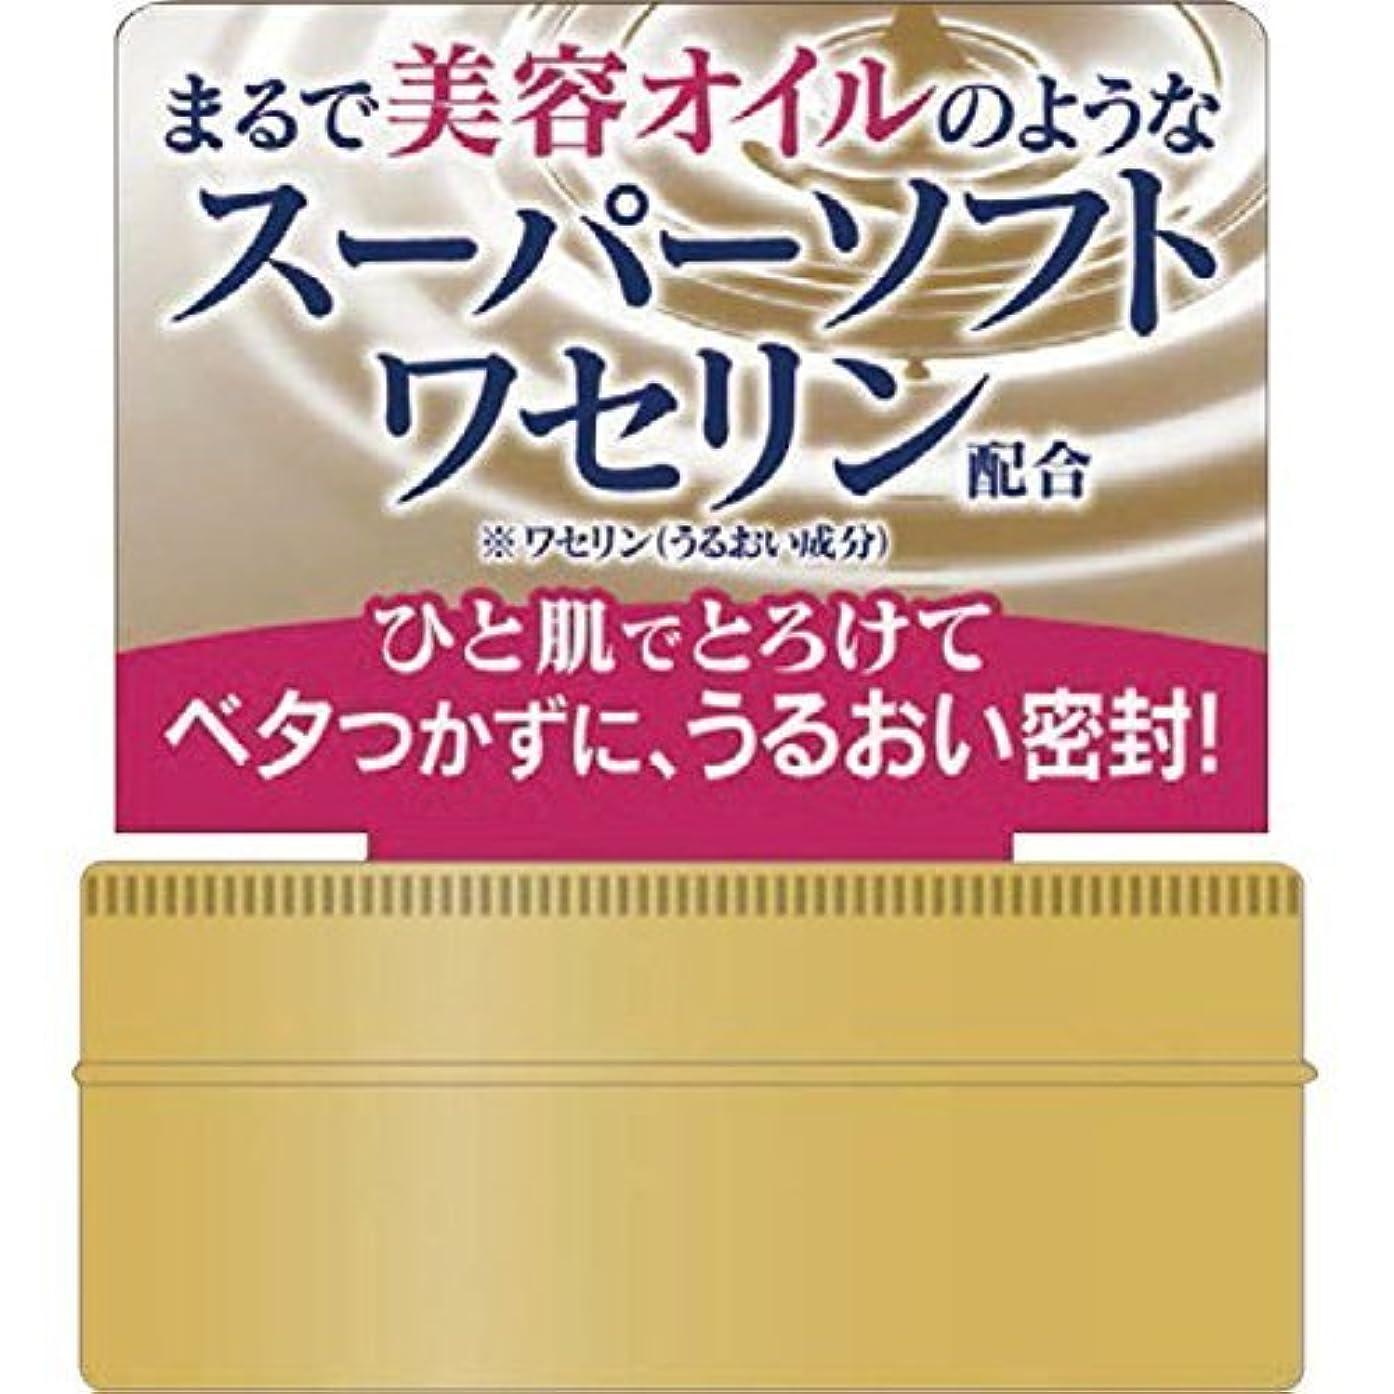 接続原告忠実な肌研(ハダラボ) 極潤プレミアム ヒアルロンオイルジェリー × 24個セット